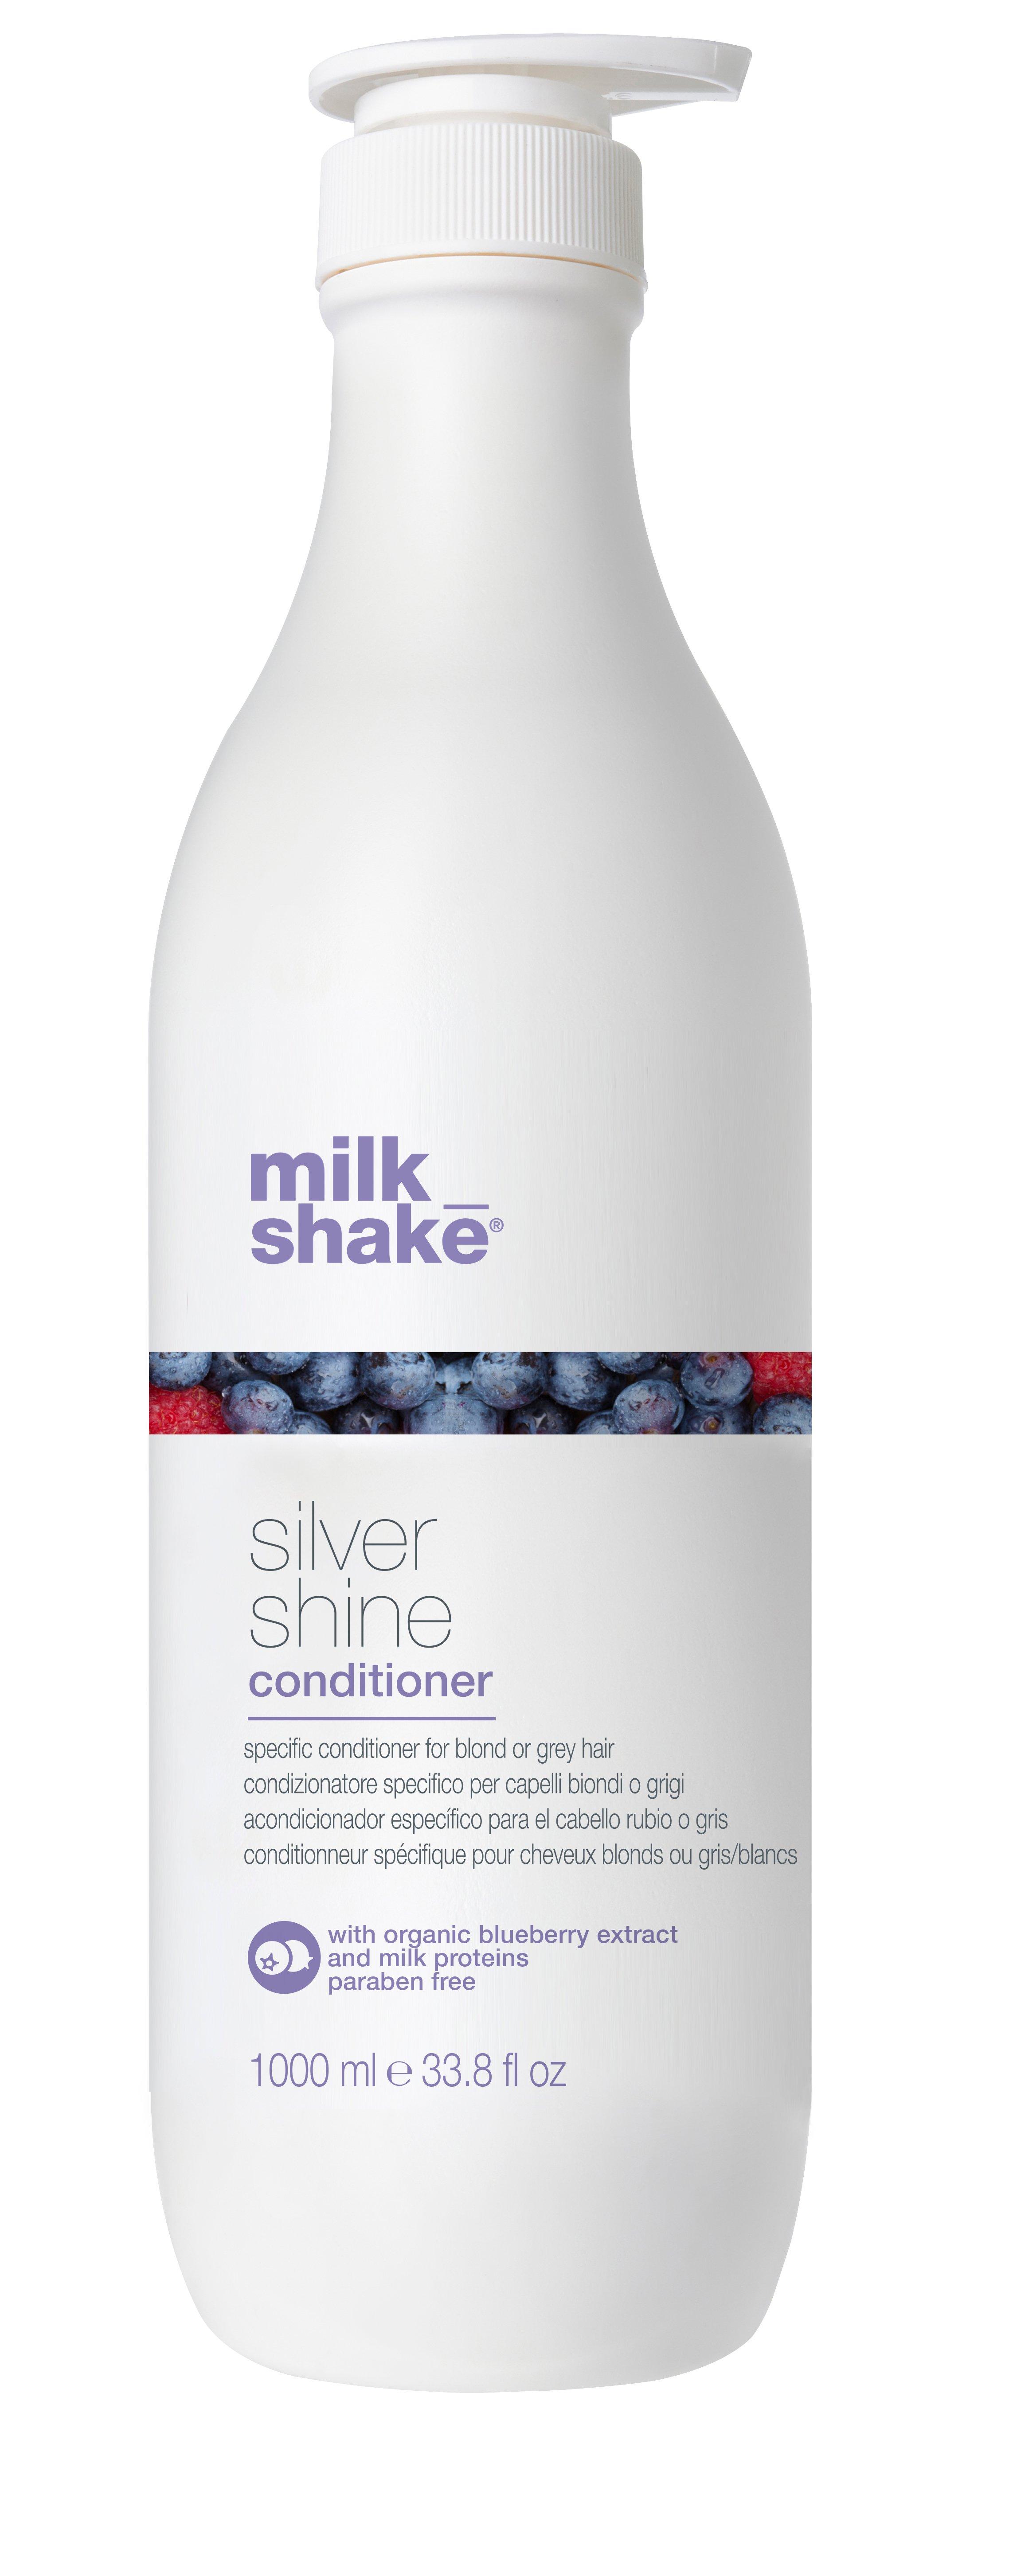 milk_shake - Silver Shine Conditioner 1000 ml